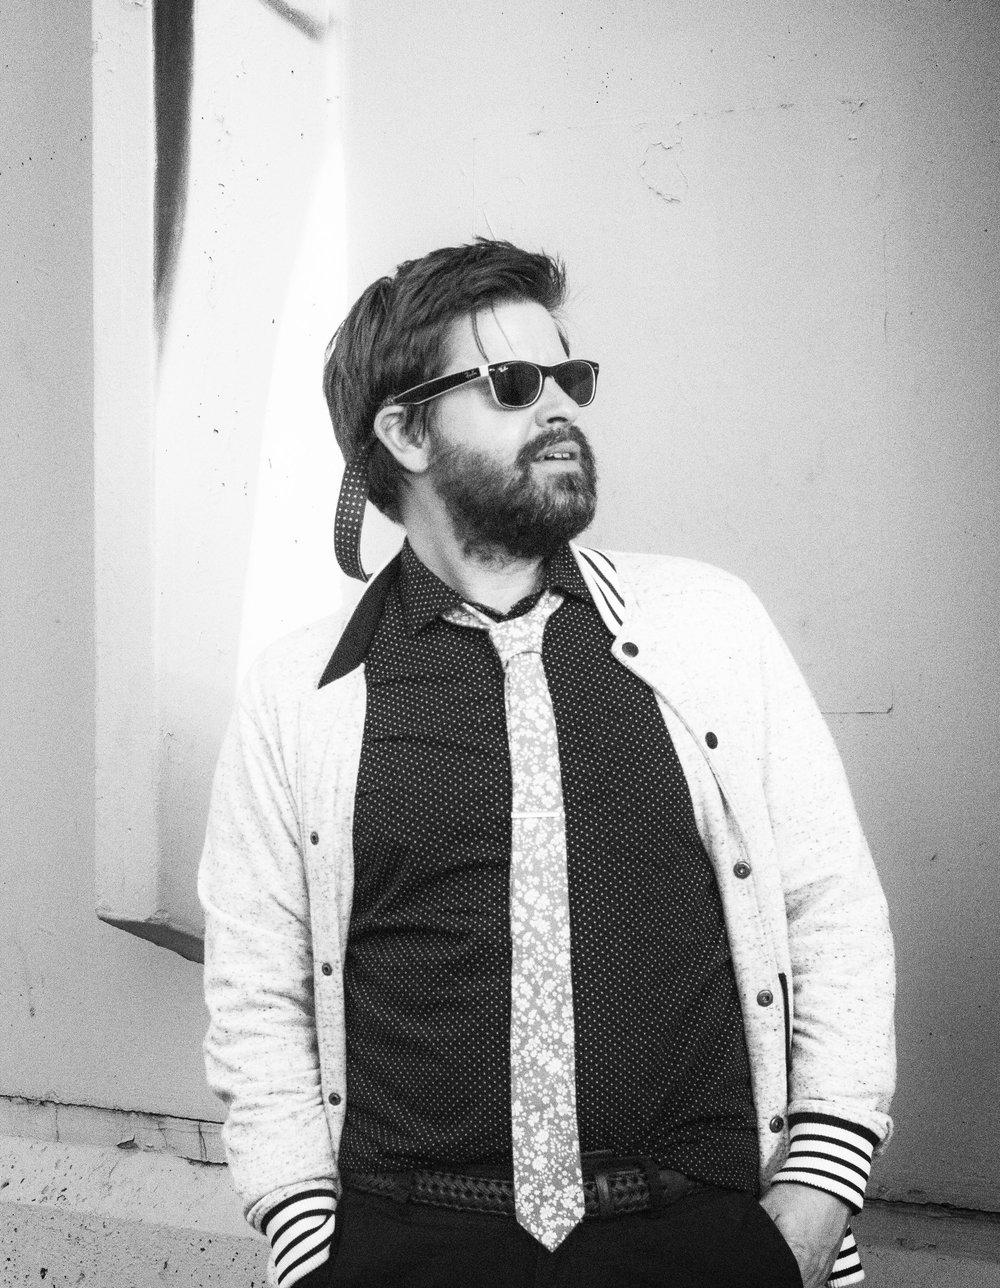 Scott Slay, Denver Bluegrass Musician - Photo Credit: BS